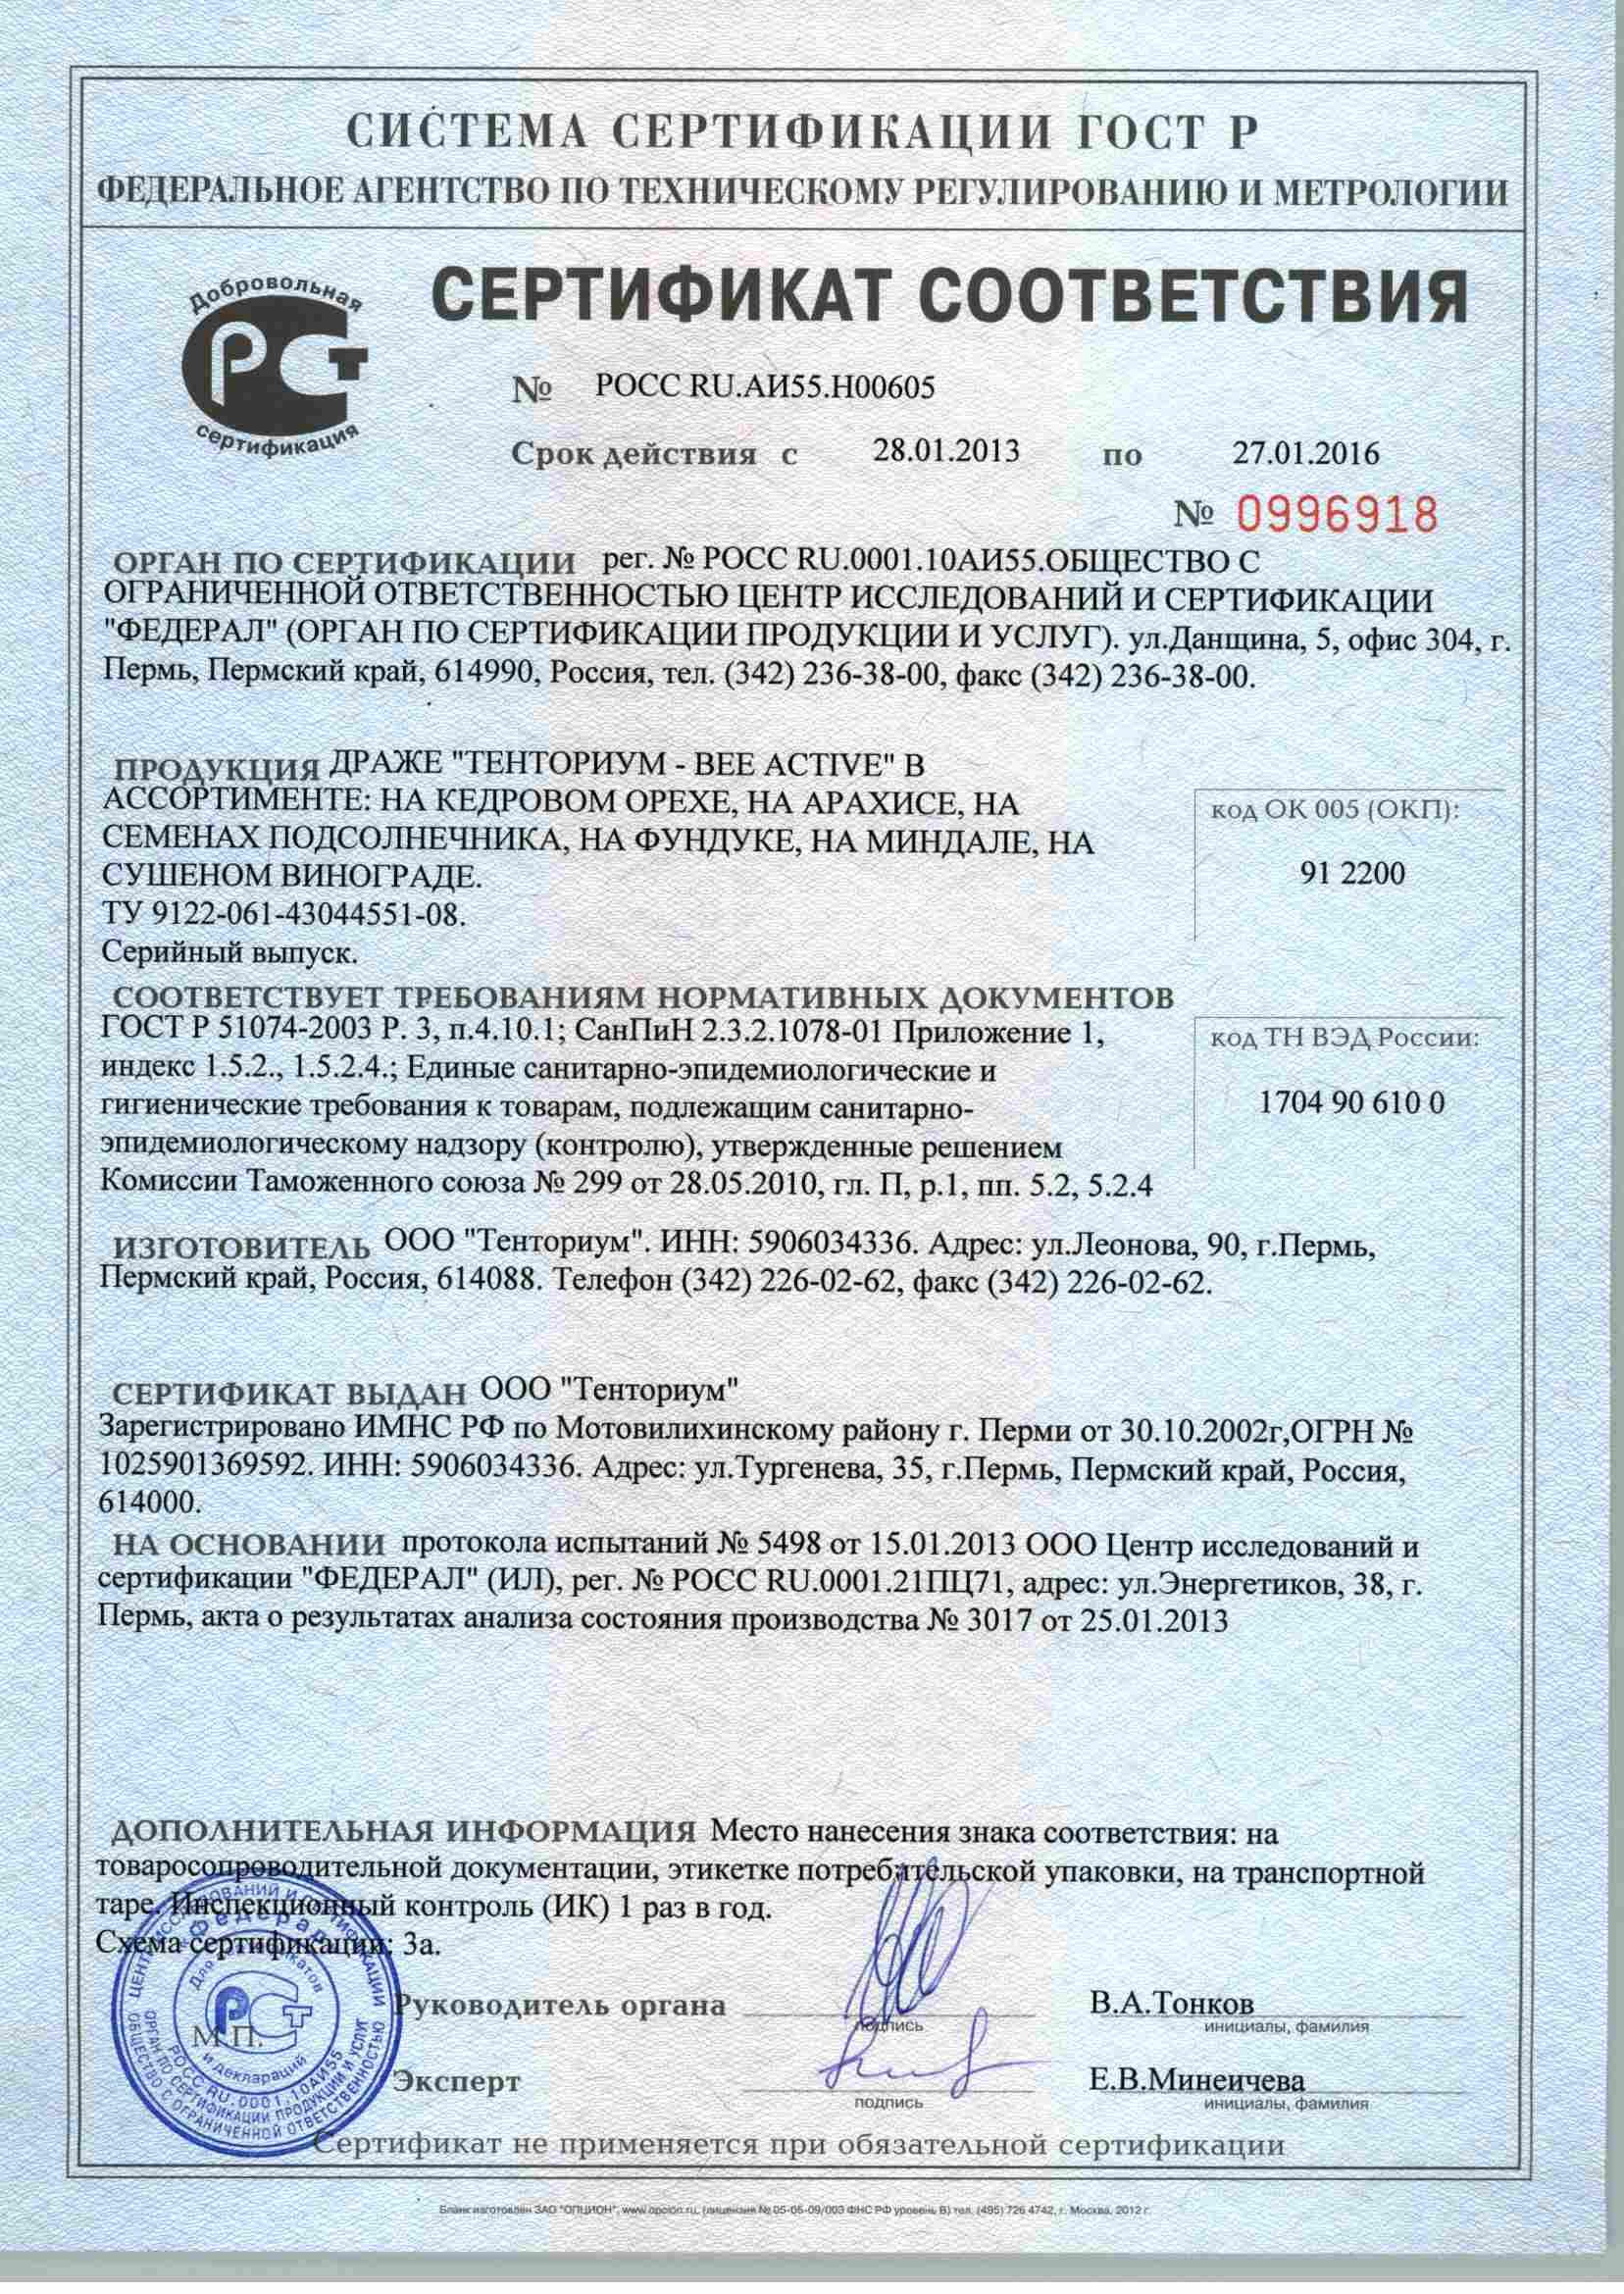 Сертификат 4 на продукцию Тенториум